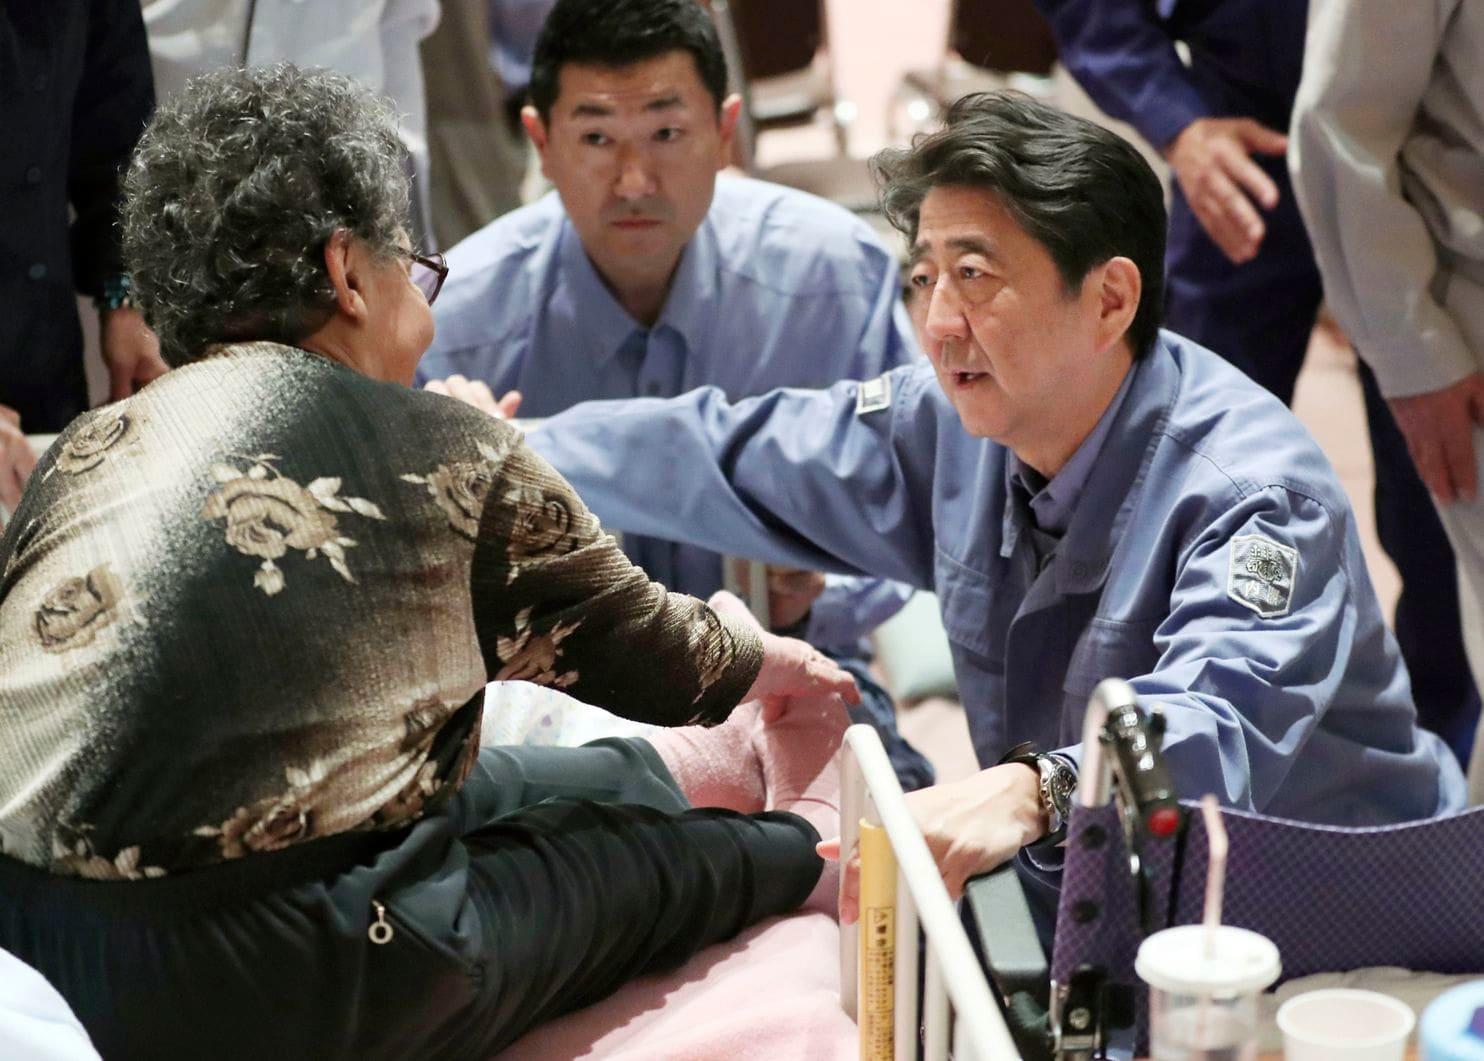 जापानमा भूकम्पमा परि मृत्यु हुनेको संख्या ३९ पुग्यो, प्रधानमन्त्री आबे प्रभावित क्षेत्रमा